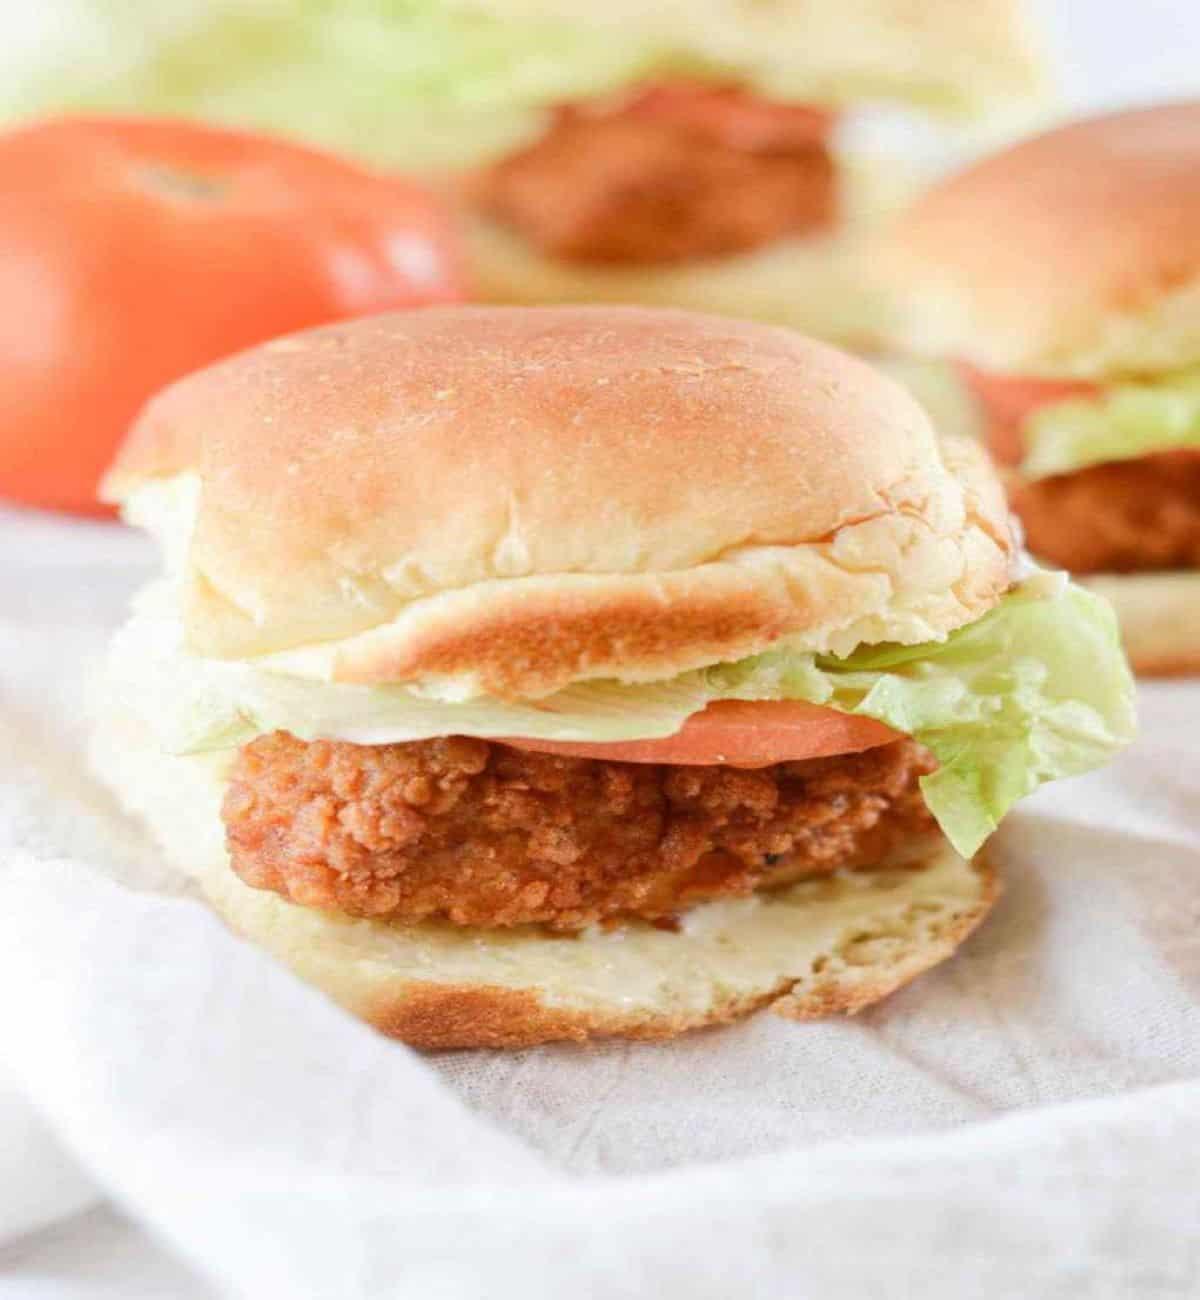 mini crispy chicken slider with lettuce and tomato on a bun.